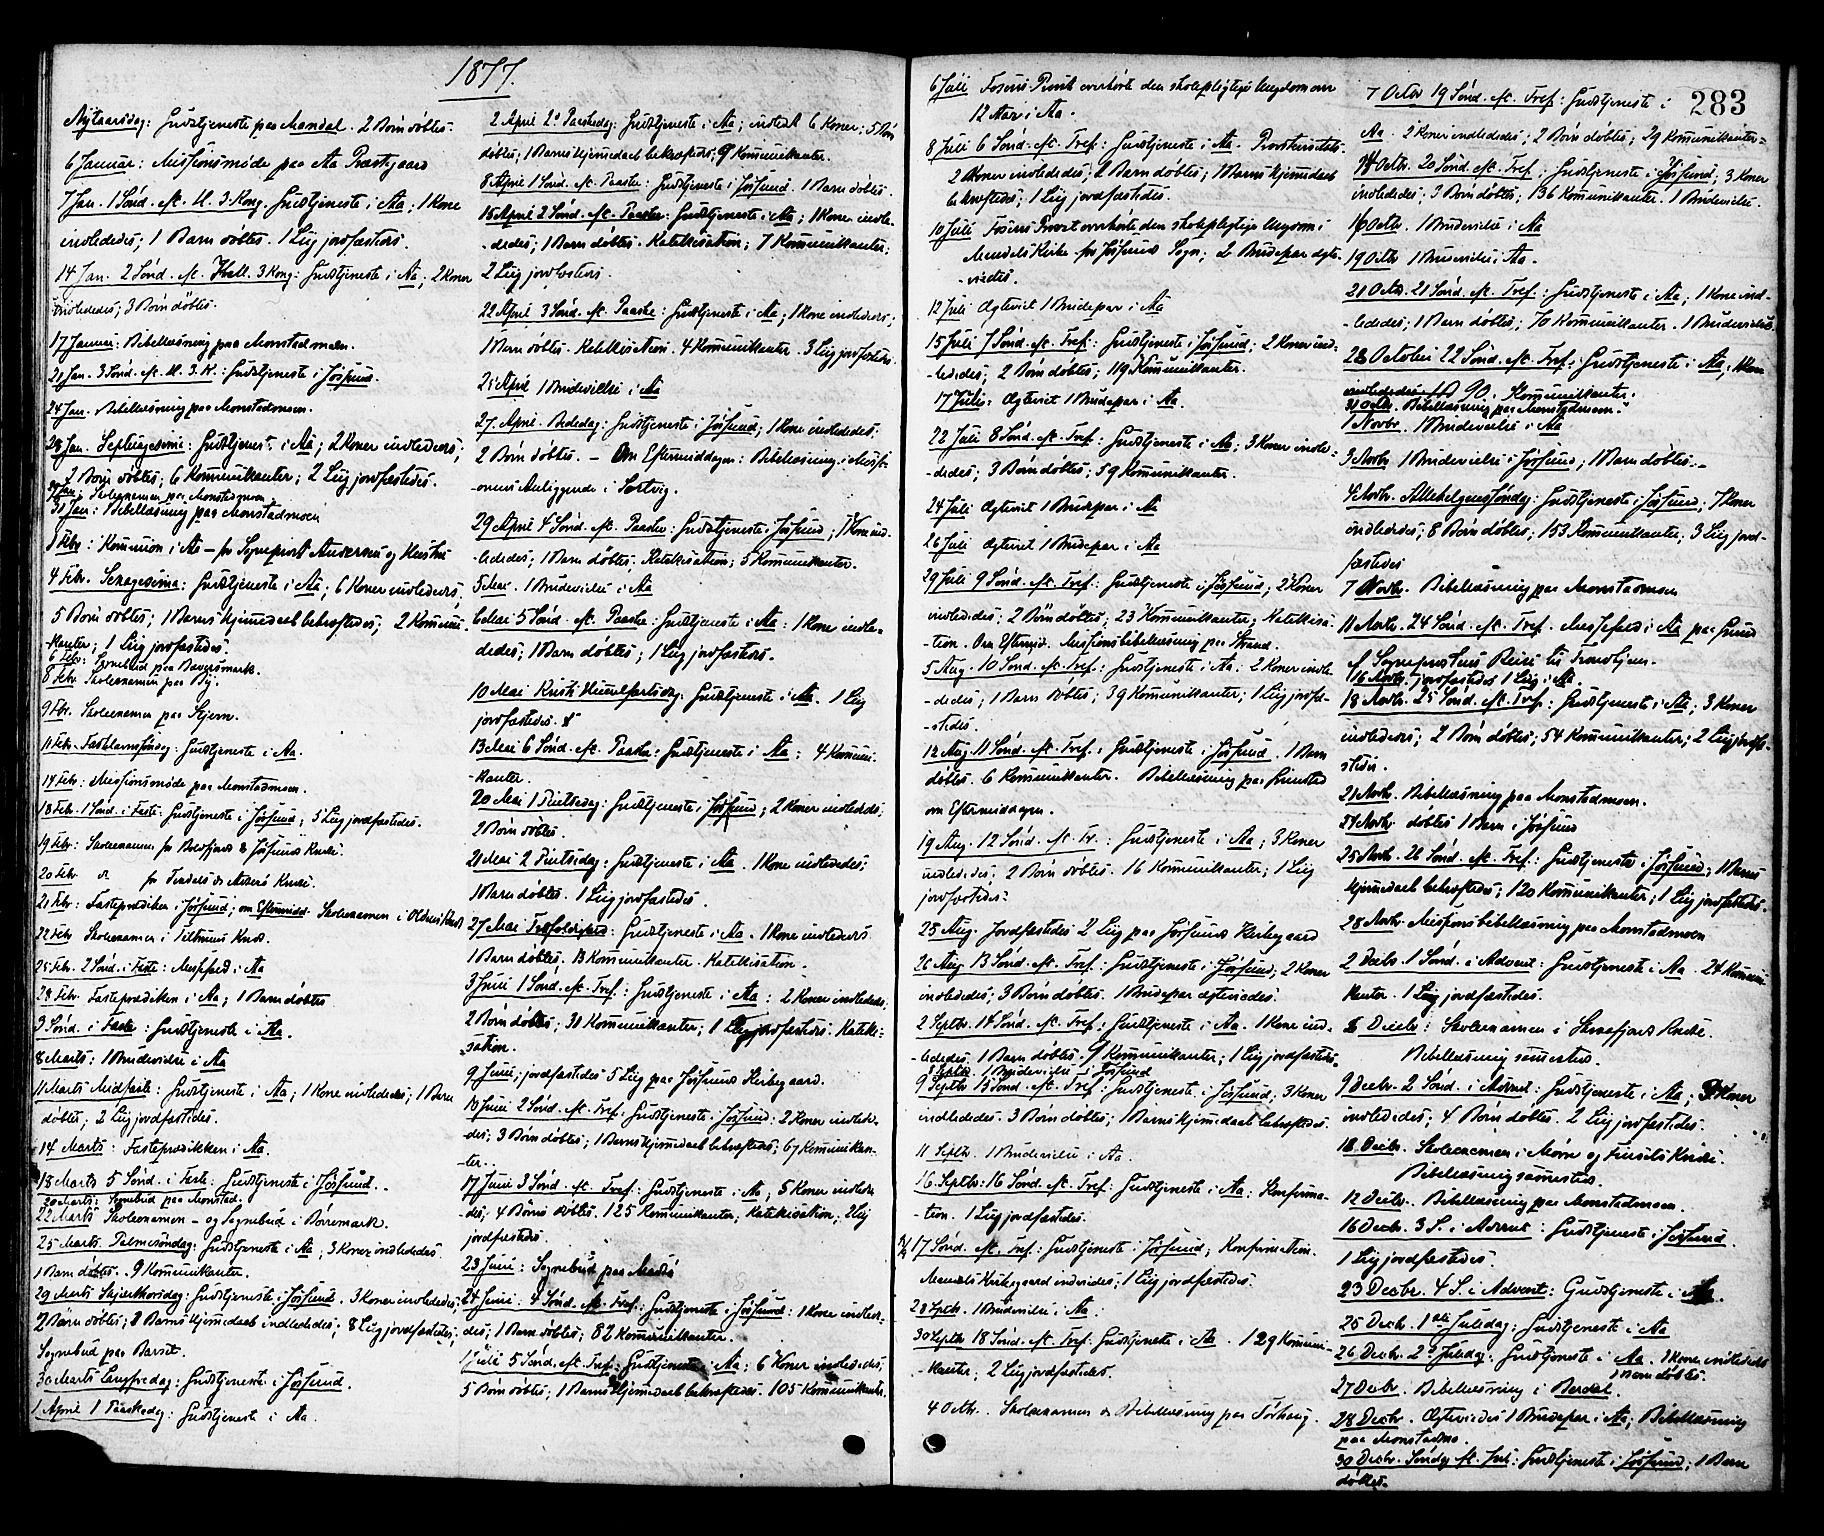 SAT, Ministerialprotokoller, klokkerbøker og fødselsregistre - Sør-Trøndelag, 655/L0679: Ministerialbok nr. 655A08, 1873-1879, s. 283